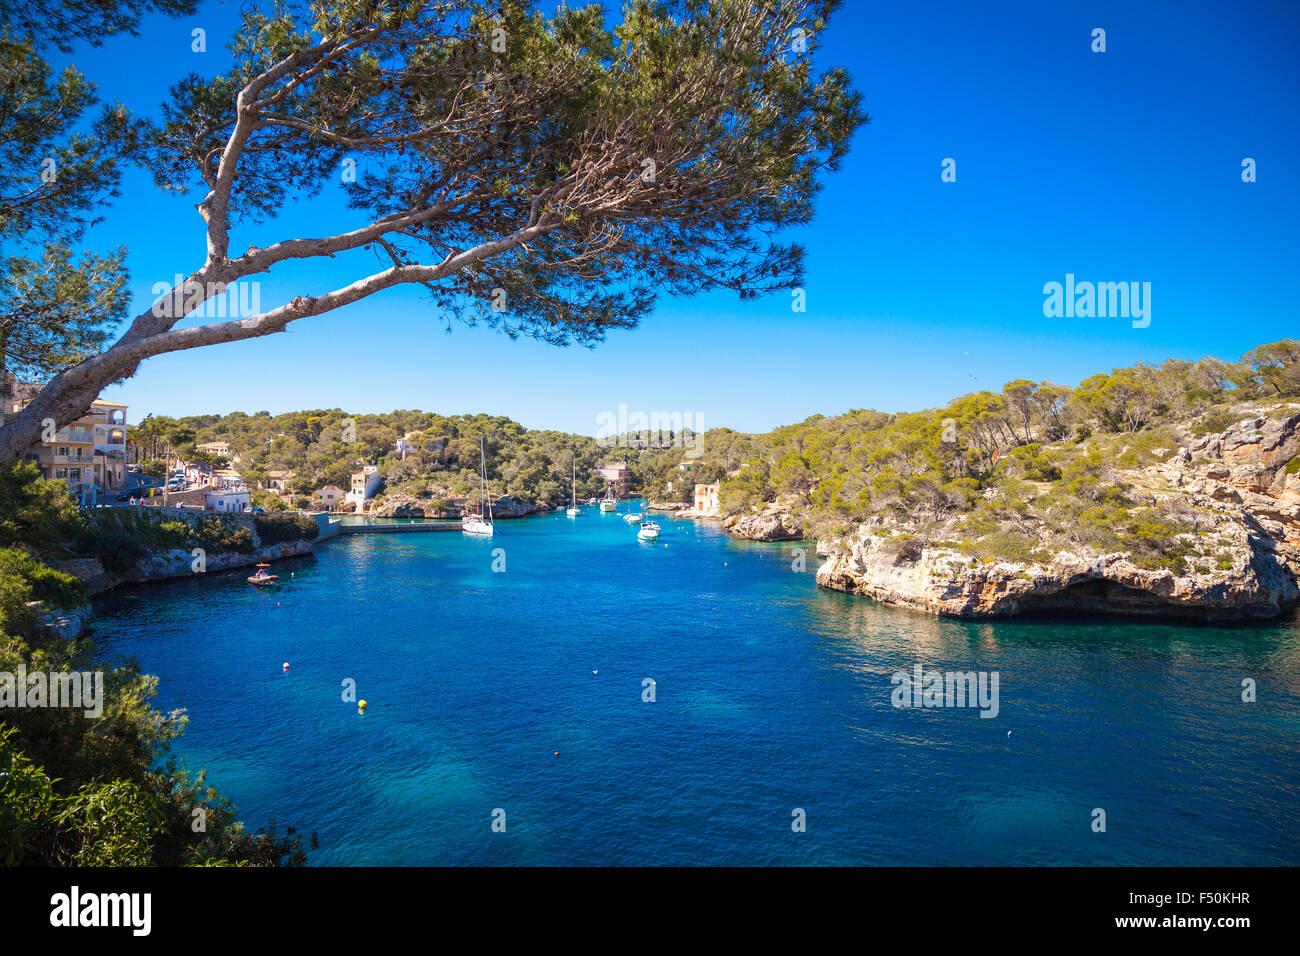 Boote im Hafen von Cala Figueira, Mallorca Stockfoto